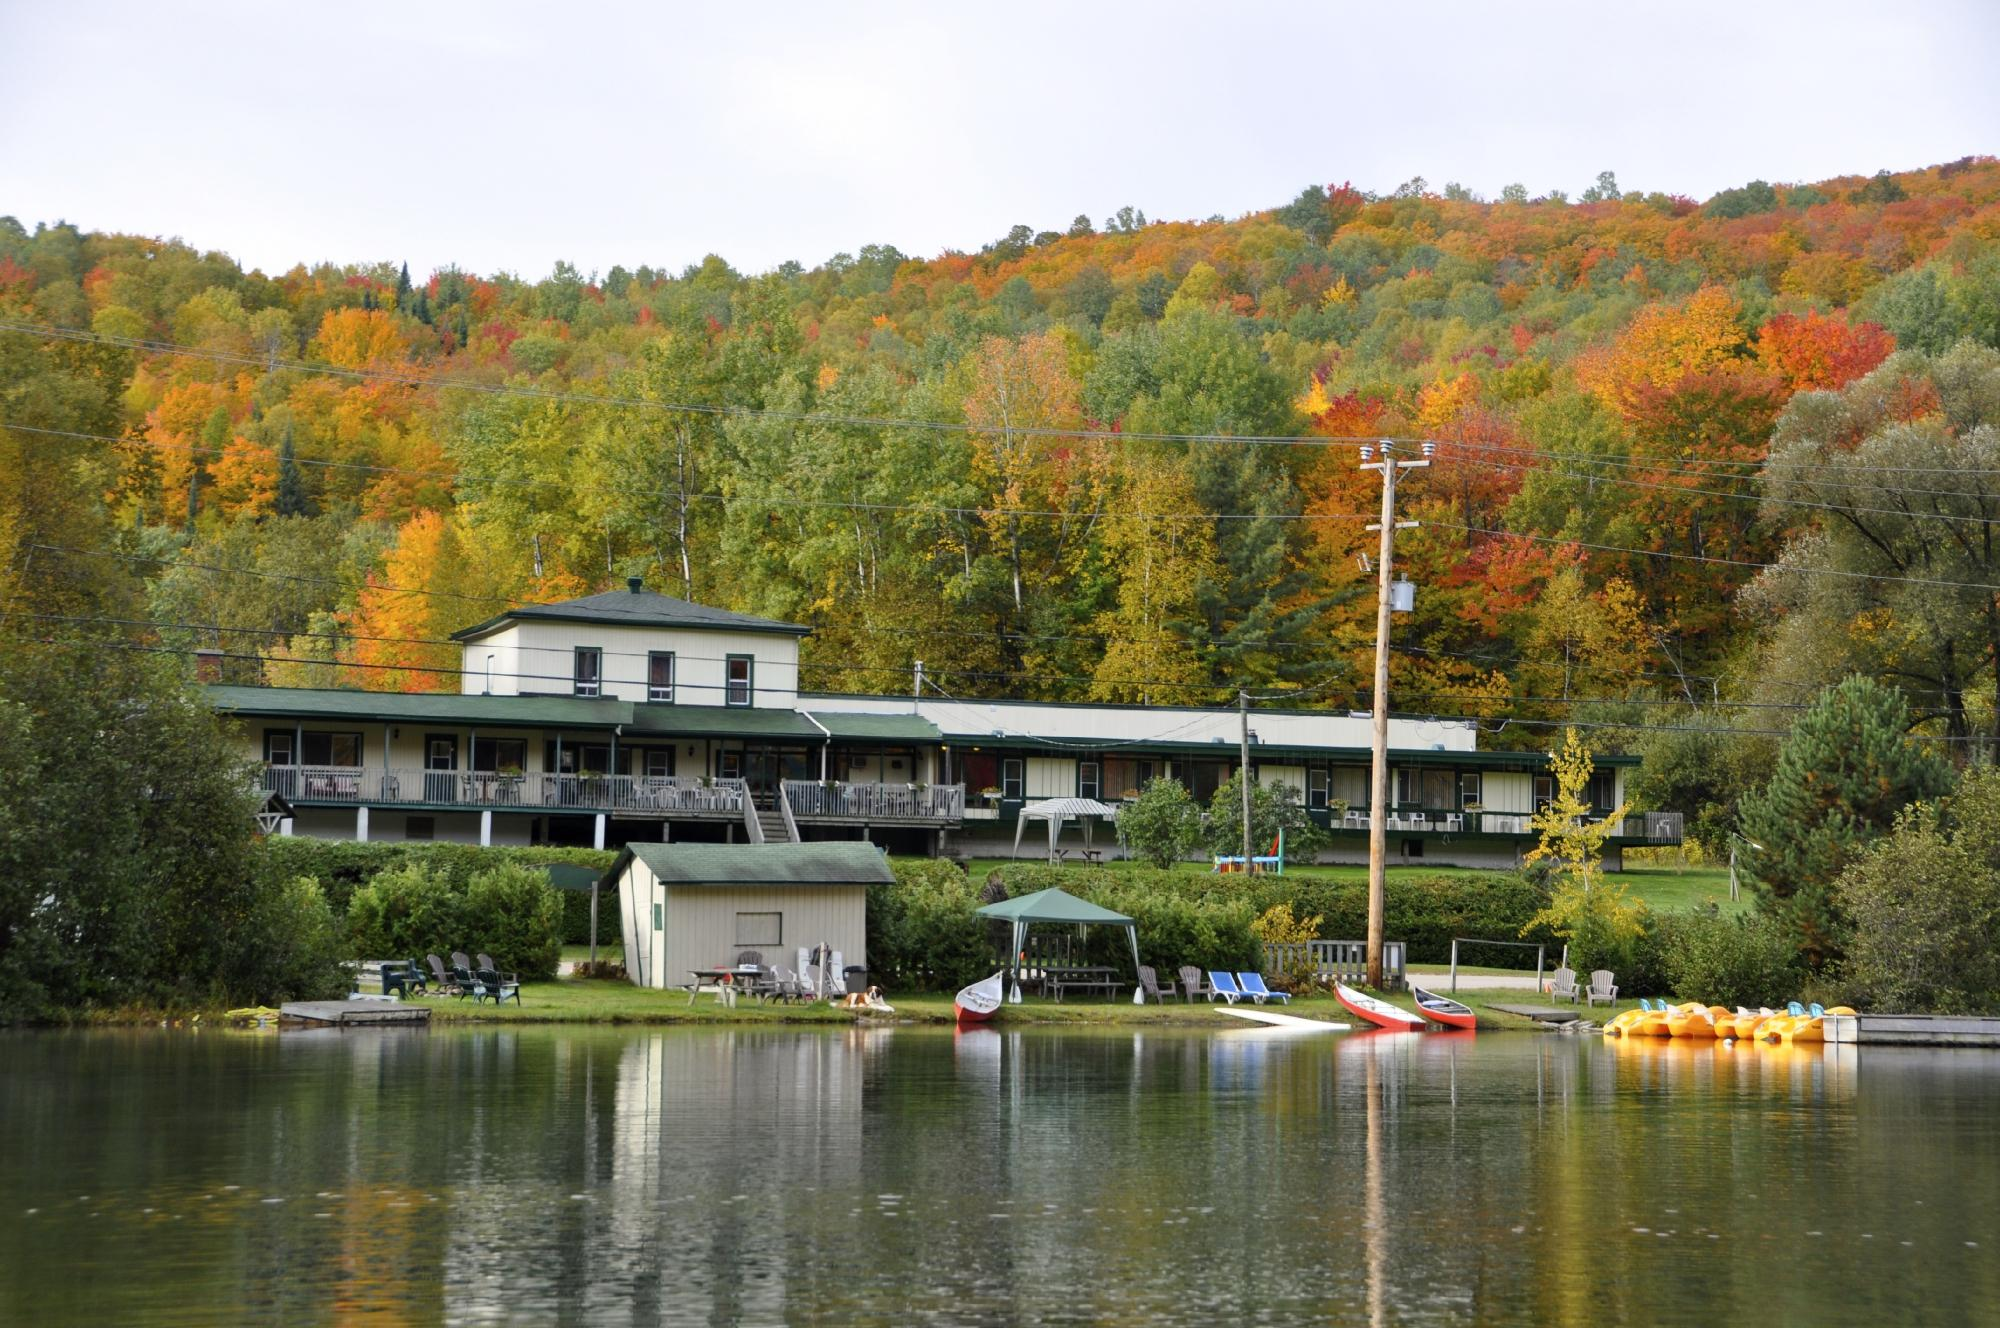 Hotel motel le boise du lac mont tremblant 2018 review for Lac miroir mont tremblant